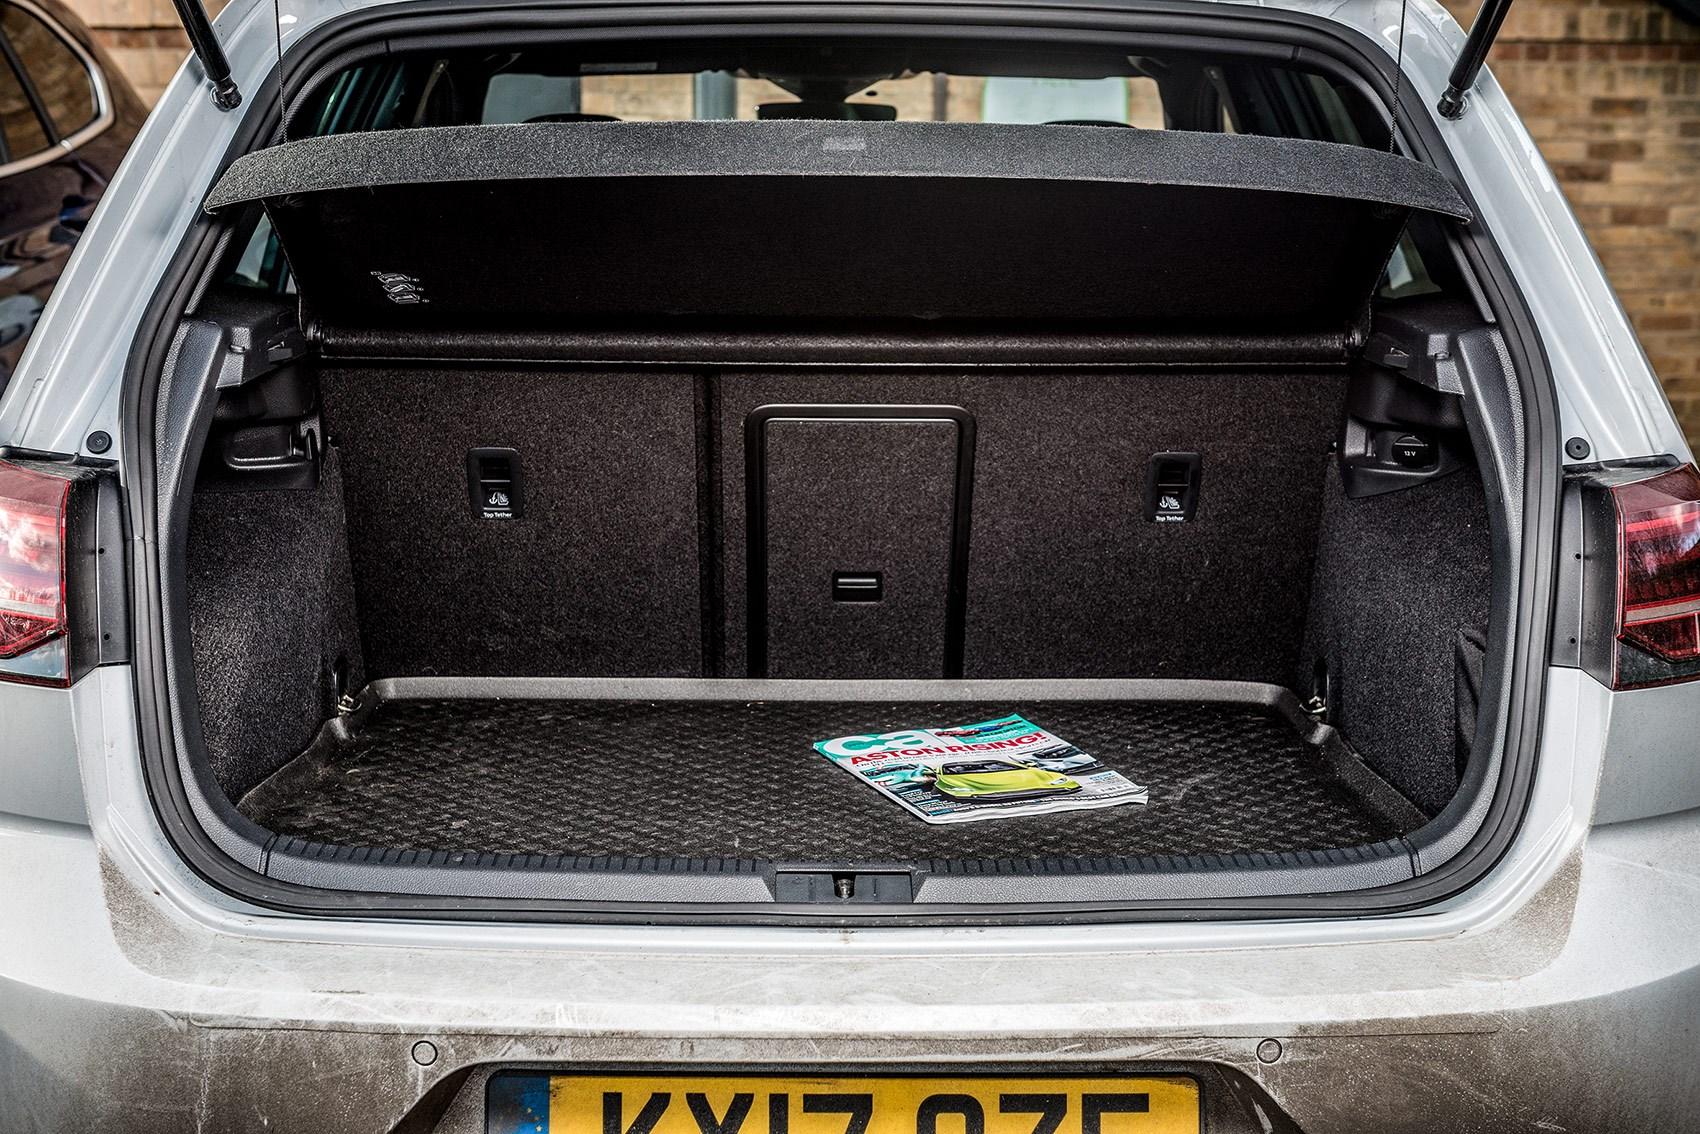 VW Golf GTE (2018) long-term review: the 6 month verdict